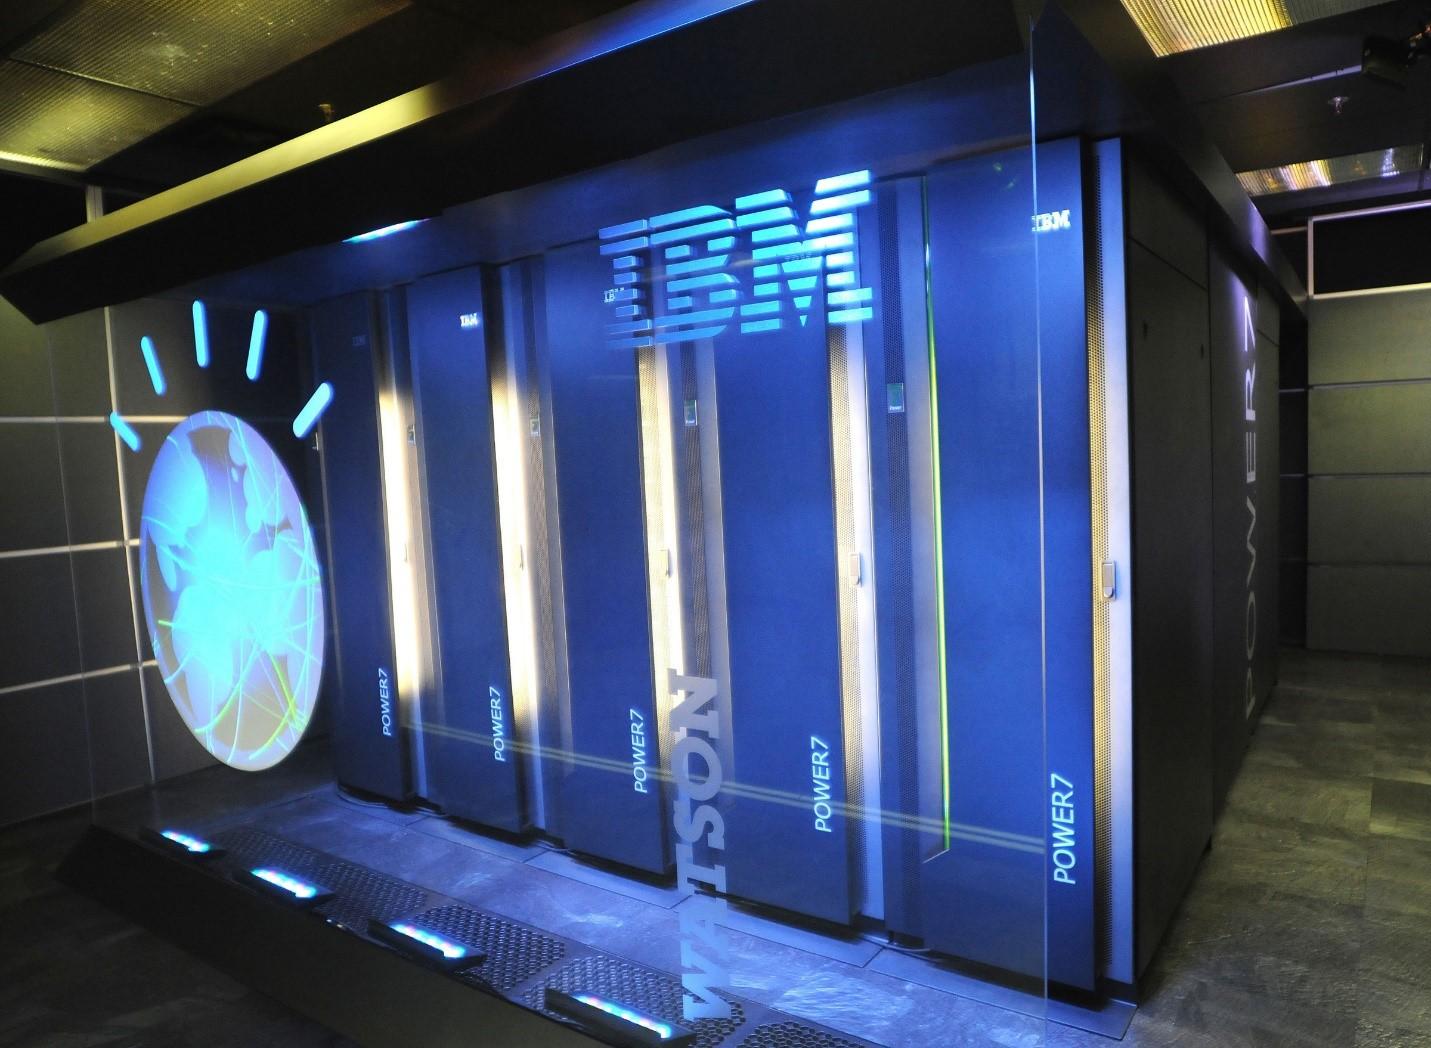 IBM анонсирует новые проекты внедрения технологий Watson и открытие штаб-квартиры Watson Group в Нью-Йорке